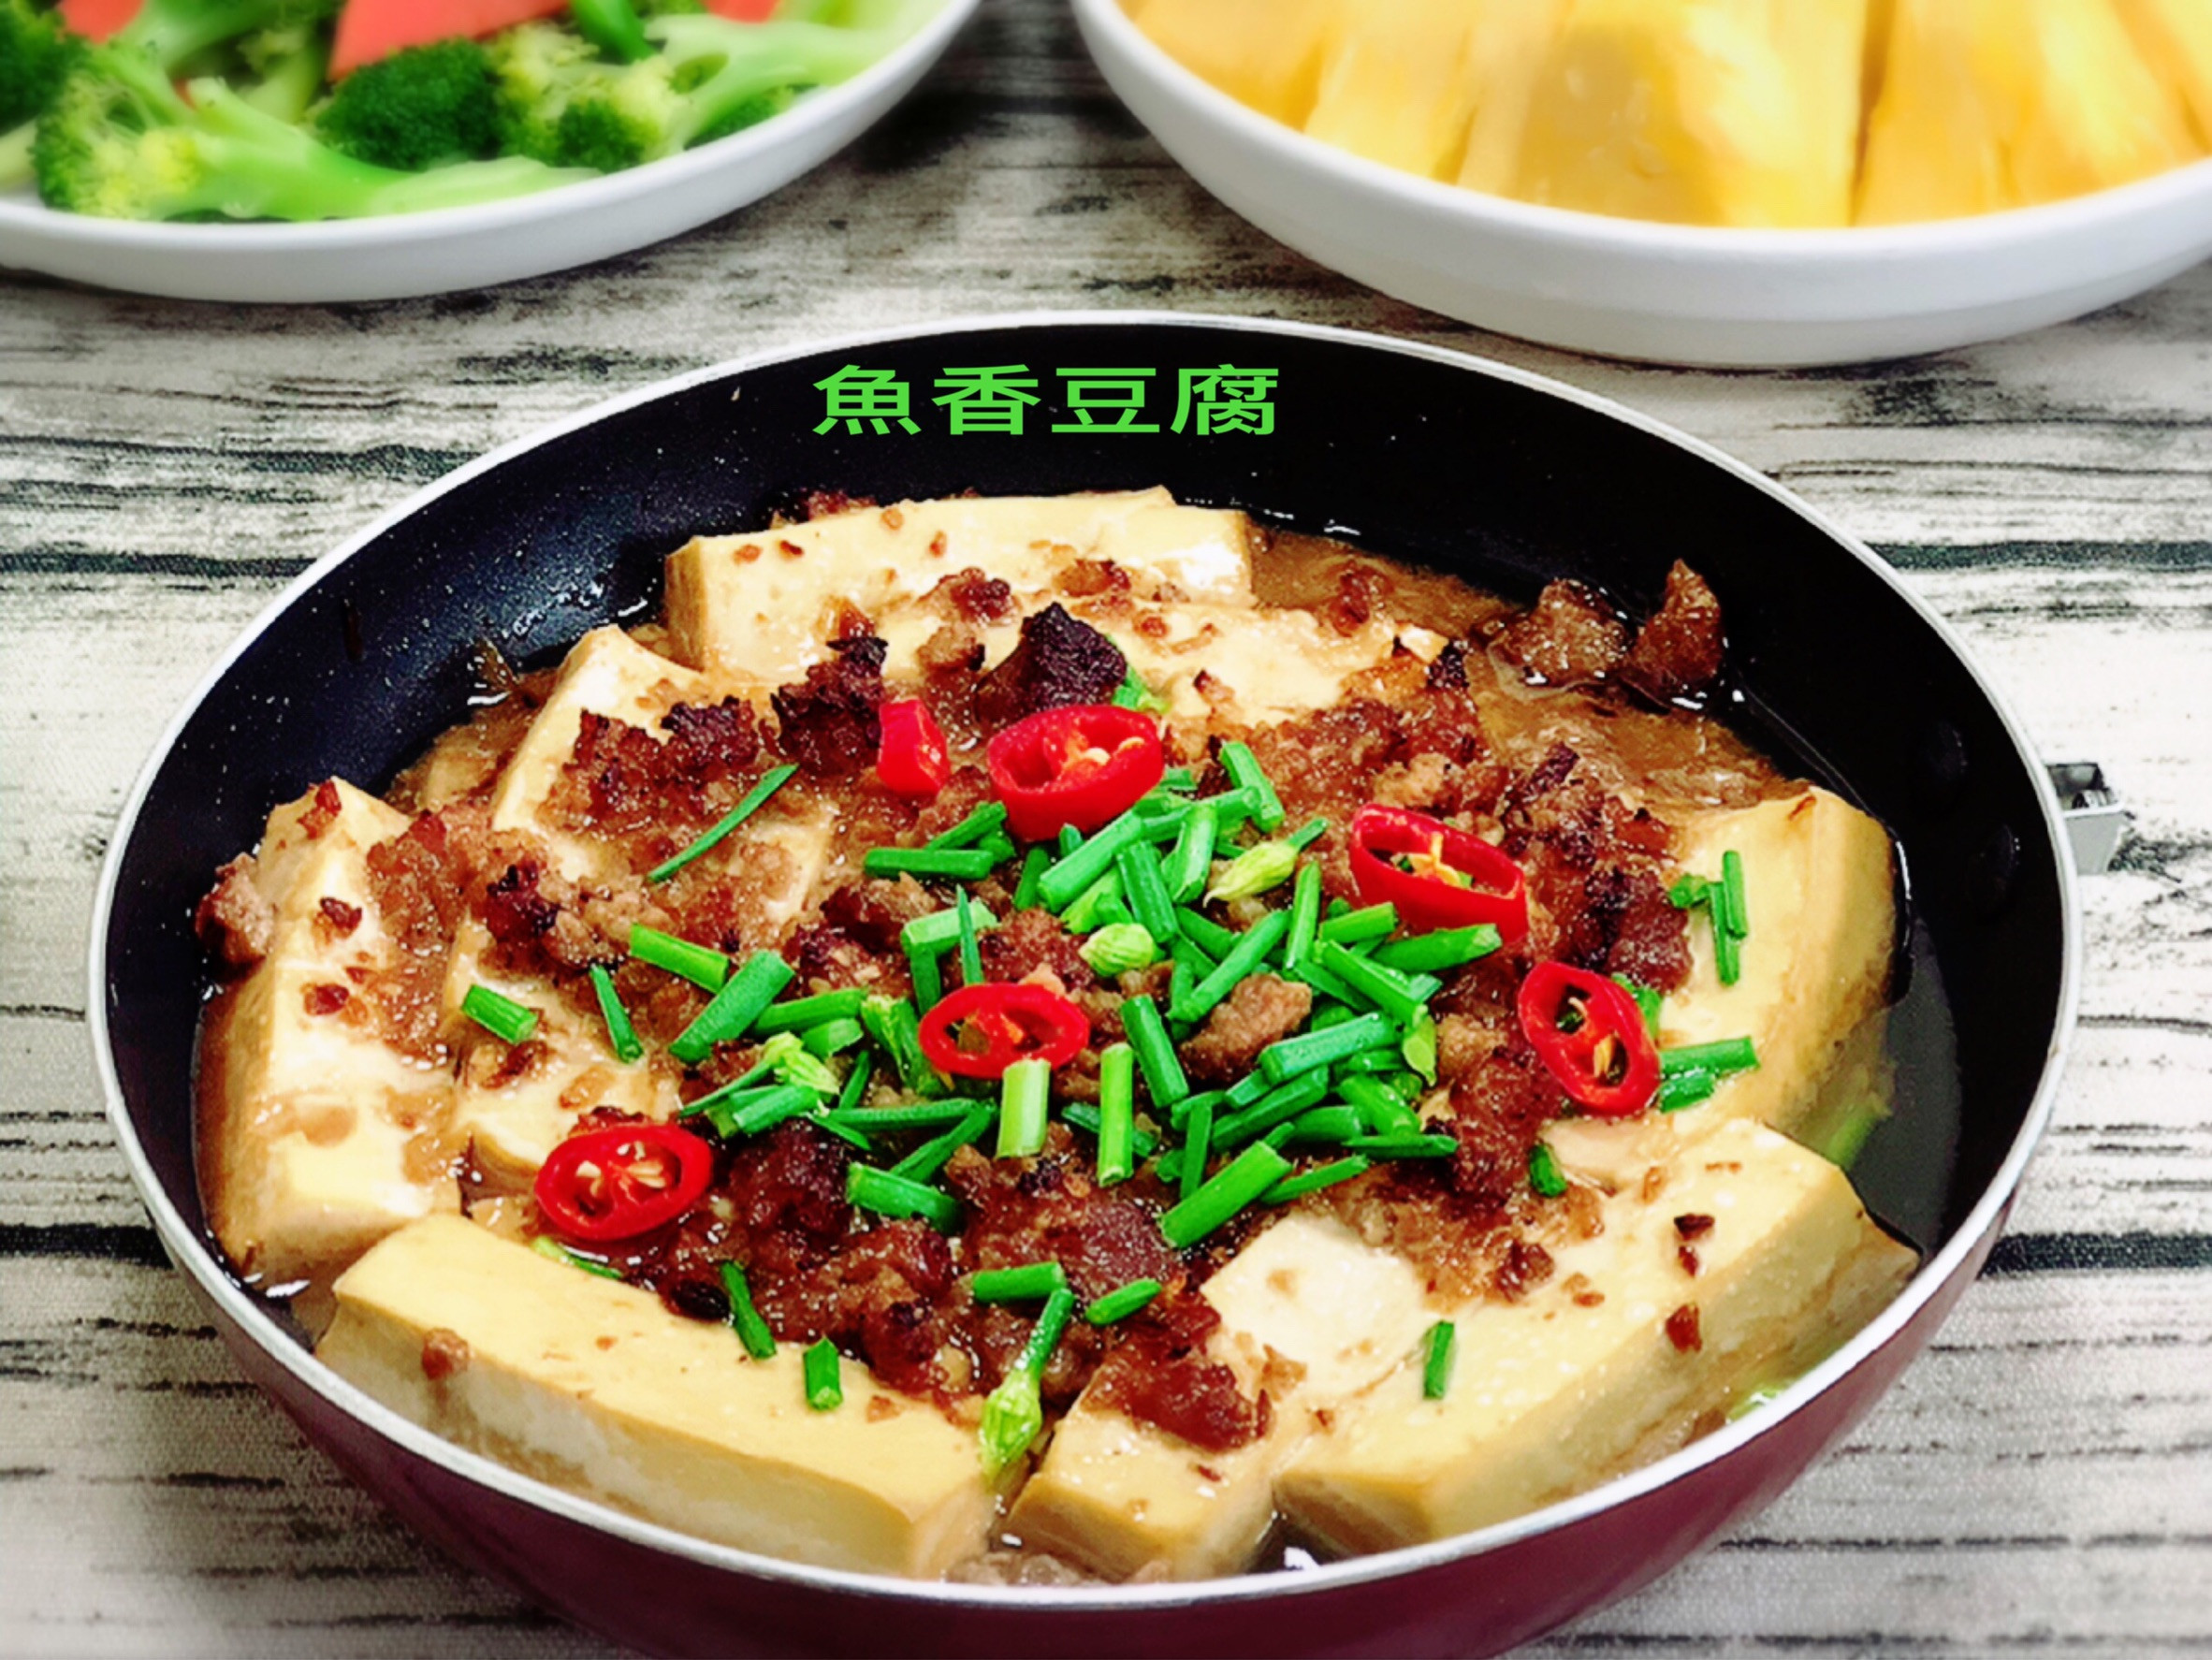 魚香豆腐(水波爐料理)